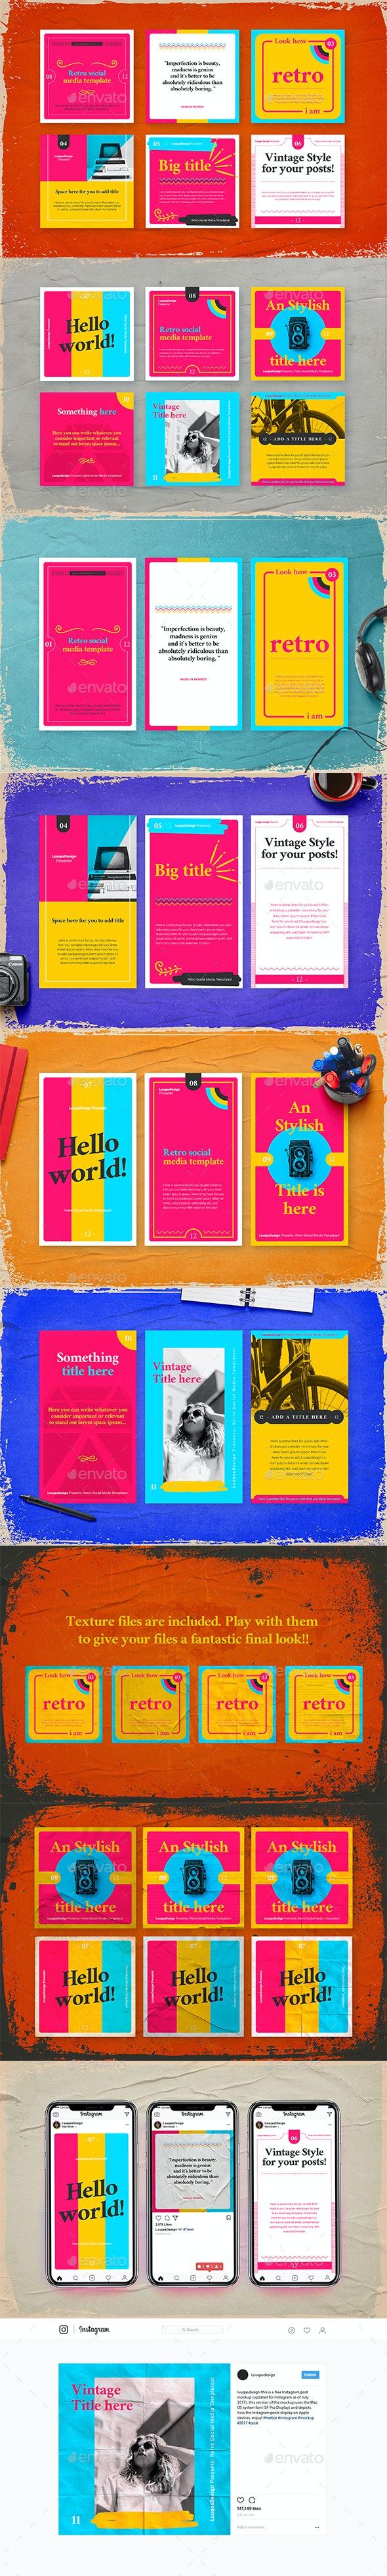 Retro Social Media Pack Template - Social Media Web Elements